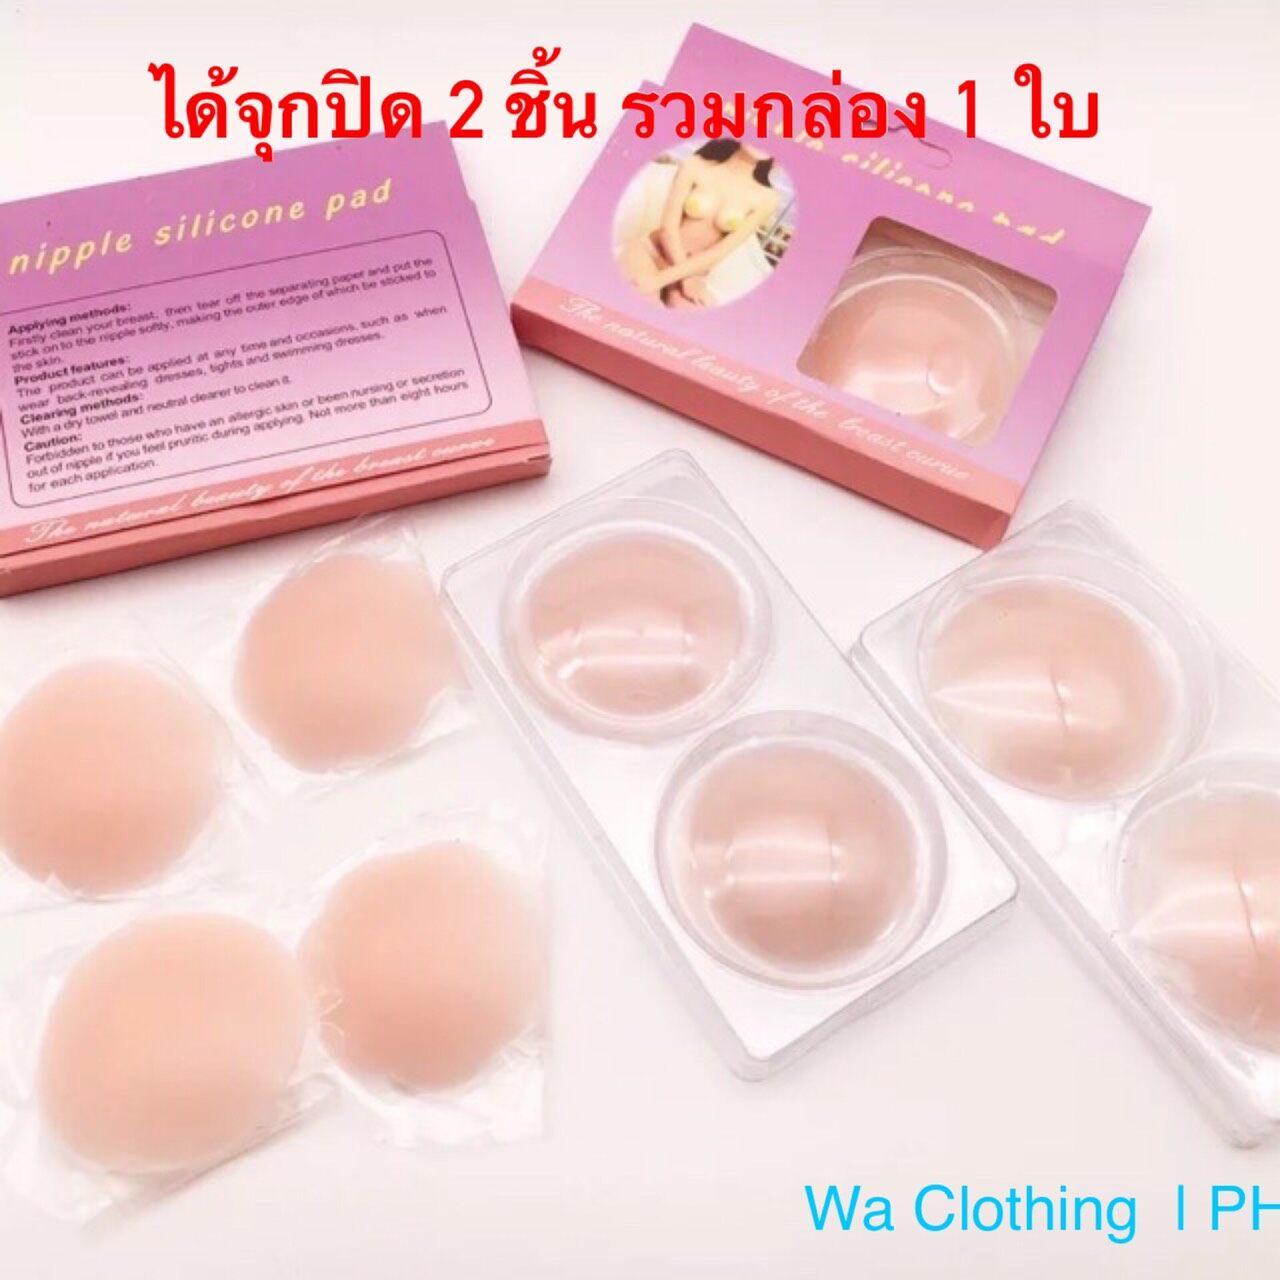 Wa Clothing ซิลิโคนปิดจุกหัวนม ของอยู่ไทย พร้อมส่ง ?มีกล่องทุกเซ็ท